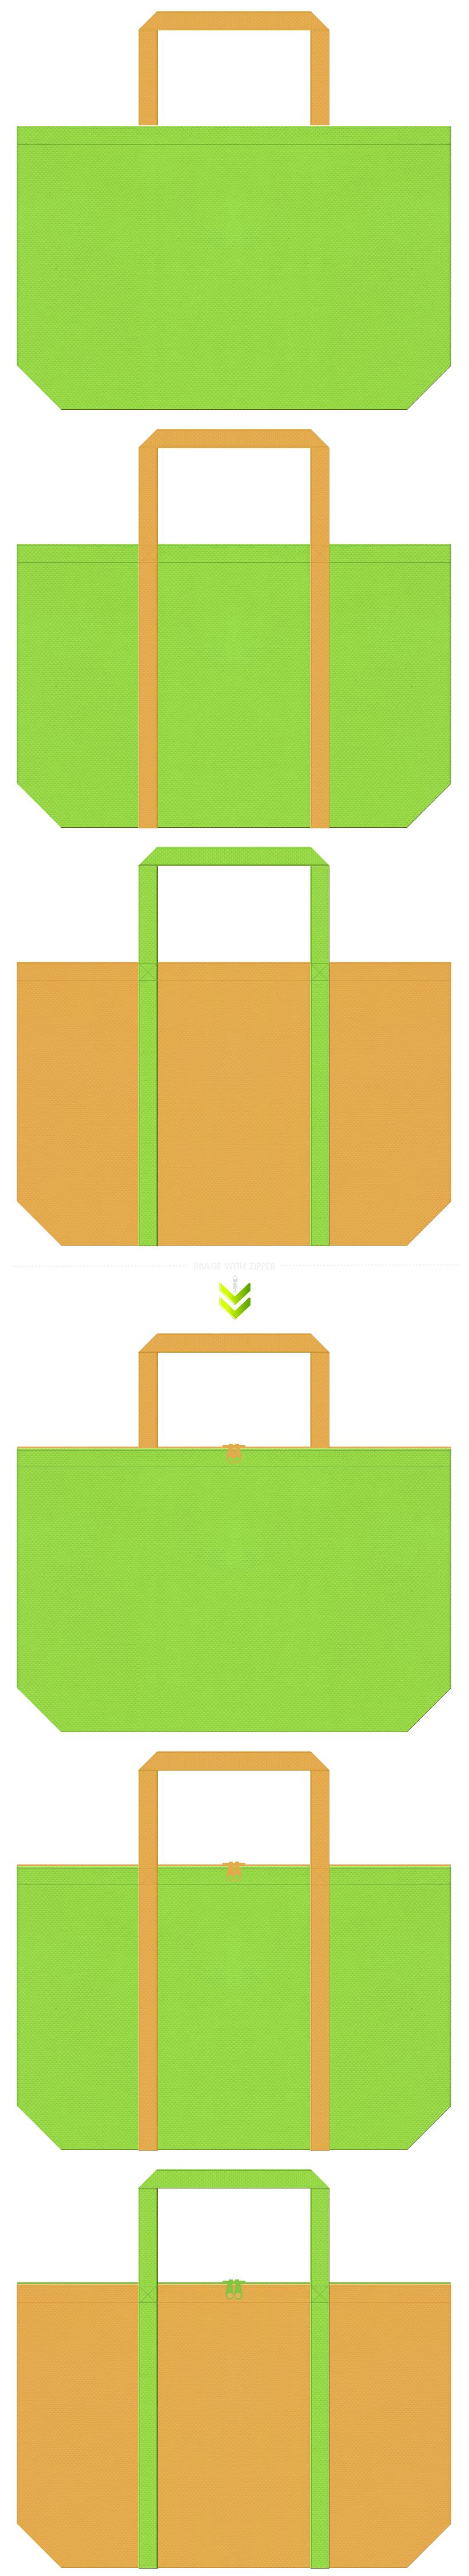 絵本・おとぎ話・酪農・農業・種苗・肥料・野菜・産直市場・牧場・草原・ピクニック・ランチバッグにお奨めの不織布バッグデザイン:黄緑色と黄土色のコーデ